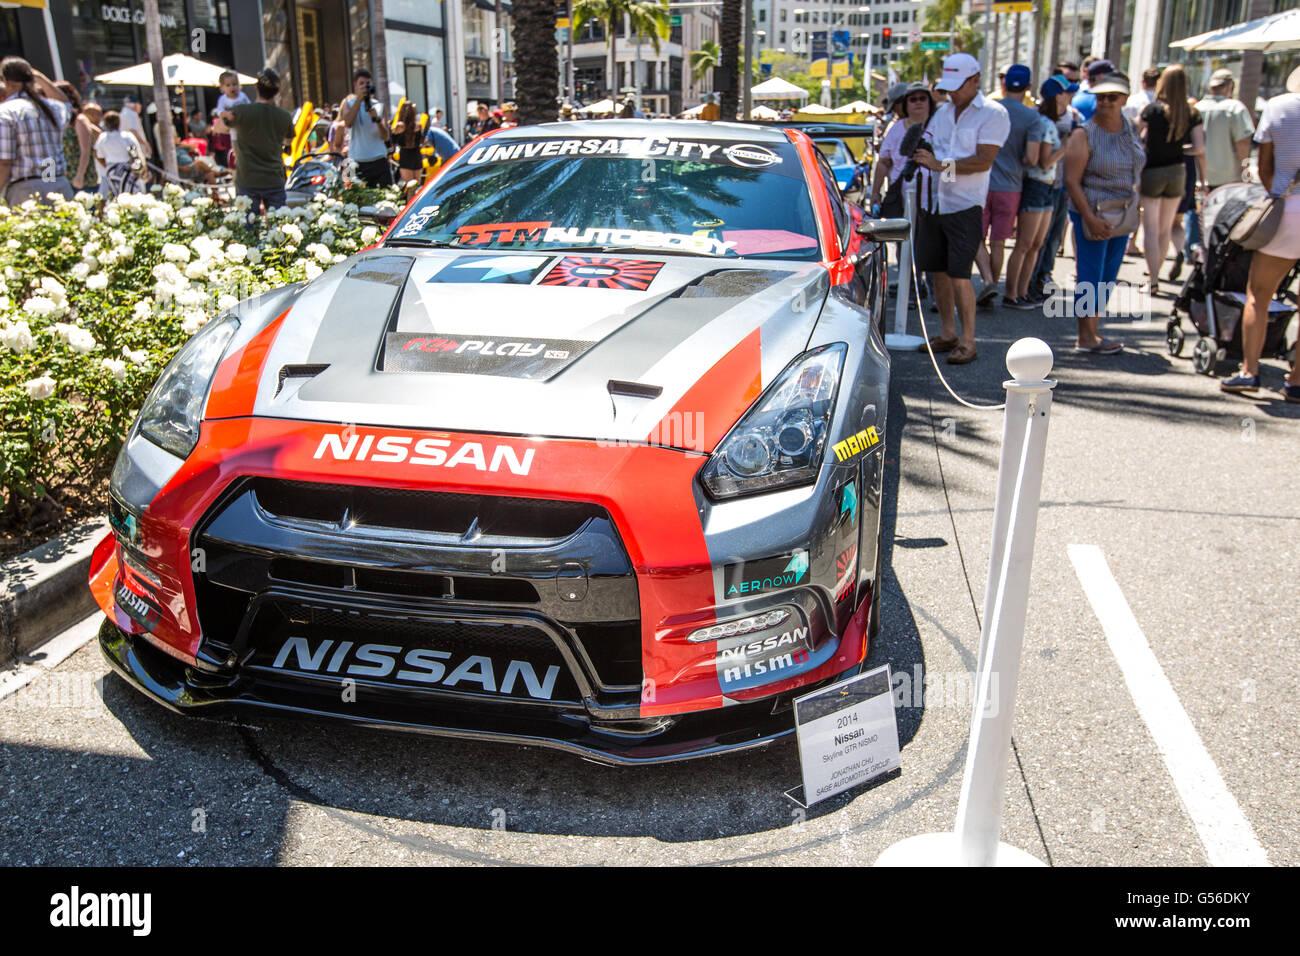 Um 2014 Nissan Skyline Gtr Nismo Em Exibição No Rodeo Drive Concours  Du0027elegância Car Show Em Beverly Hills, Califórnia, EUA. O Carro Show é ...